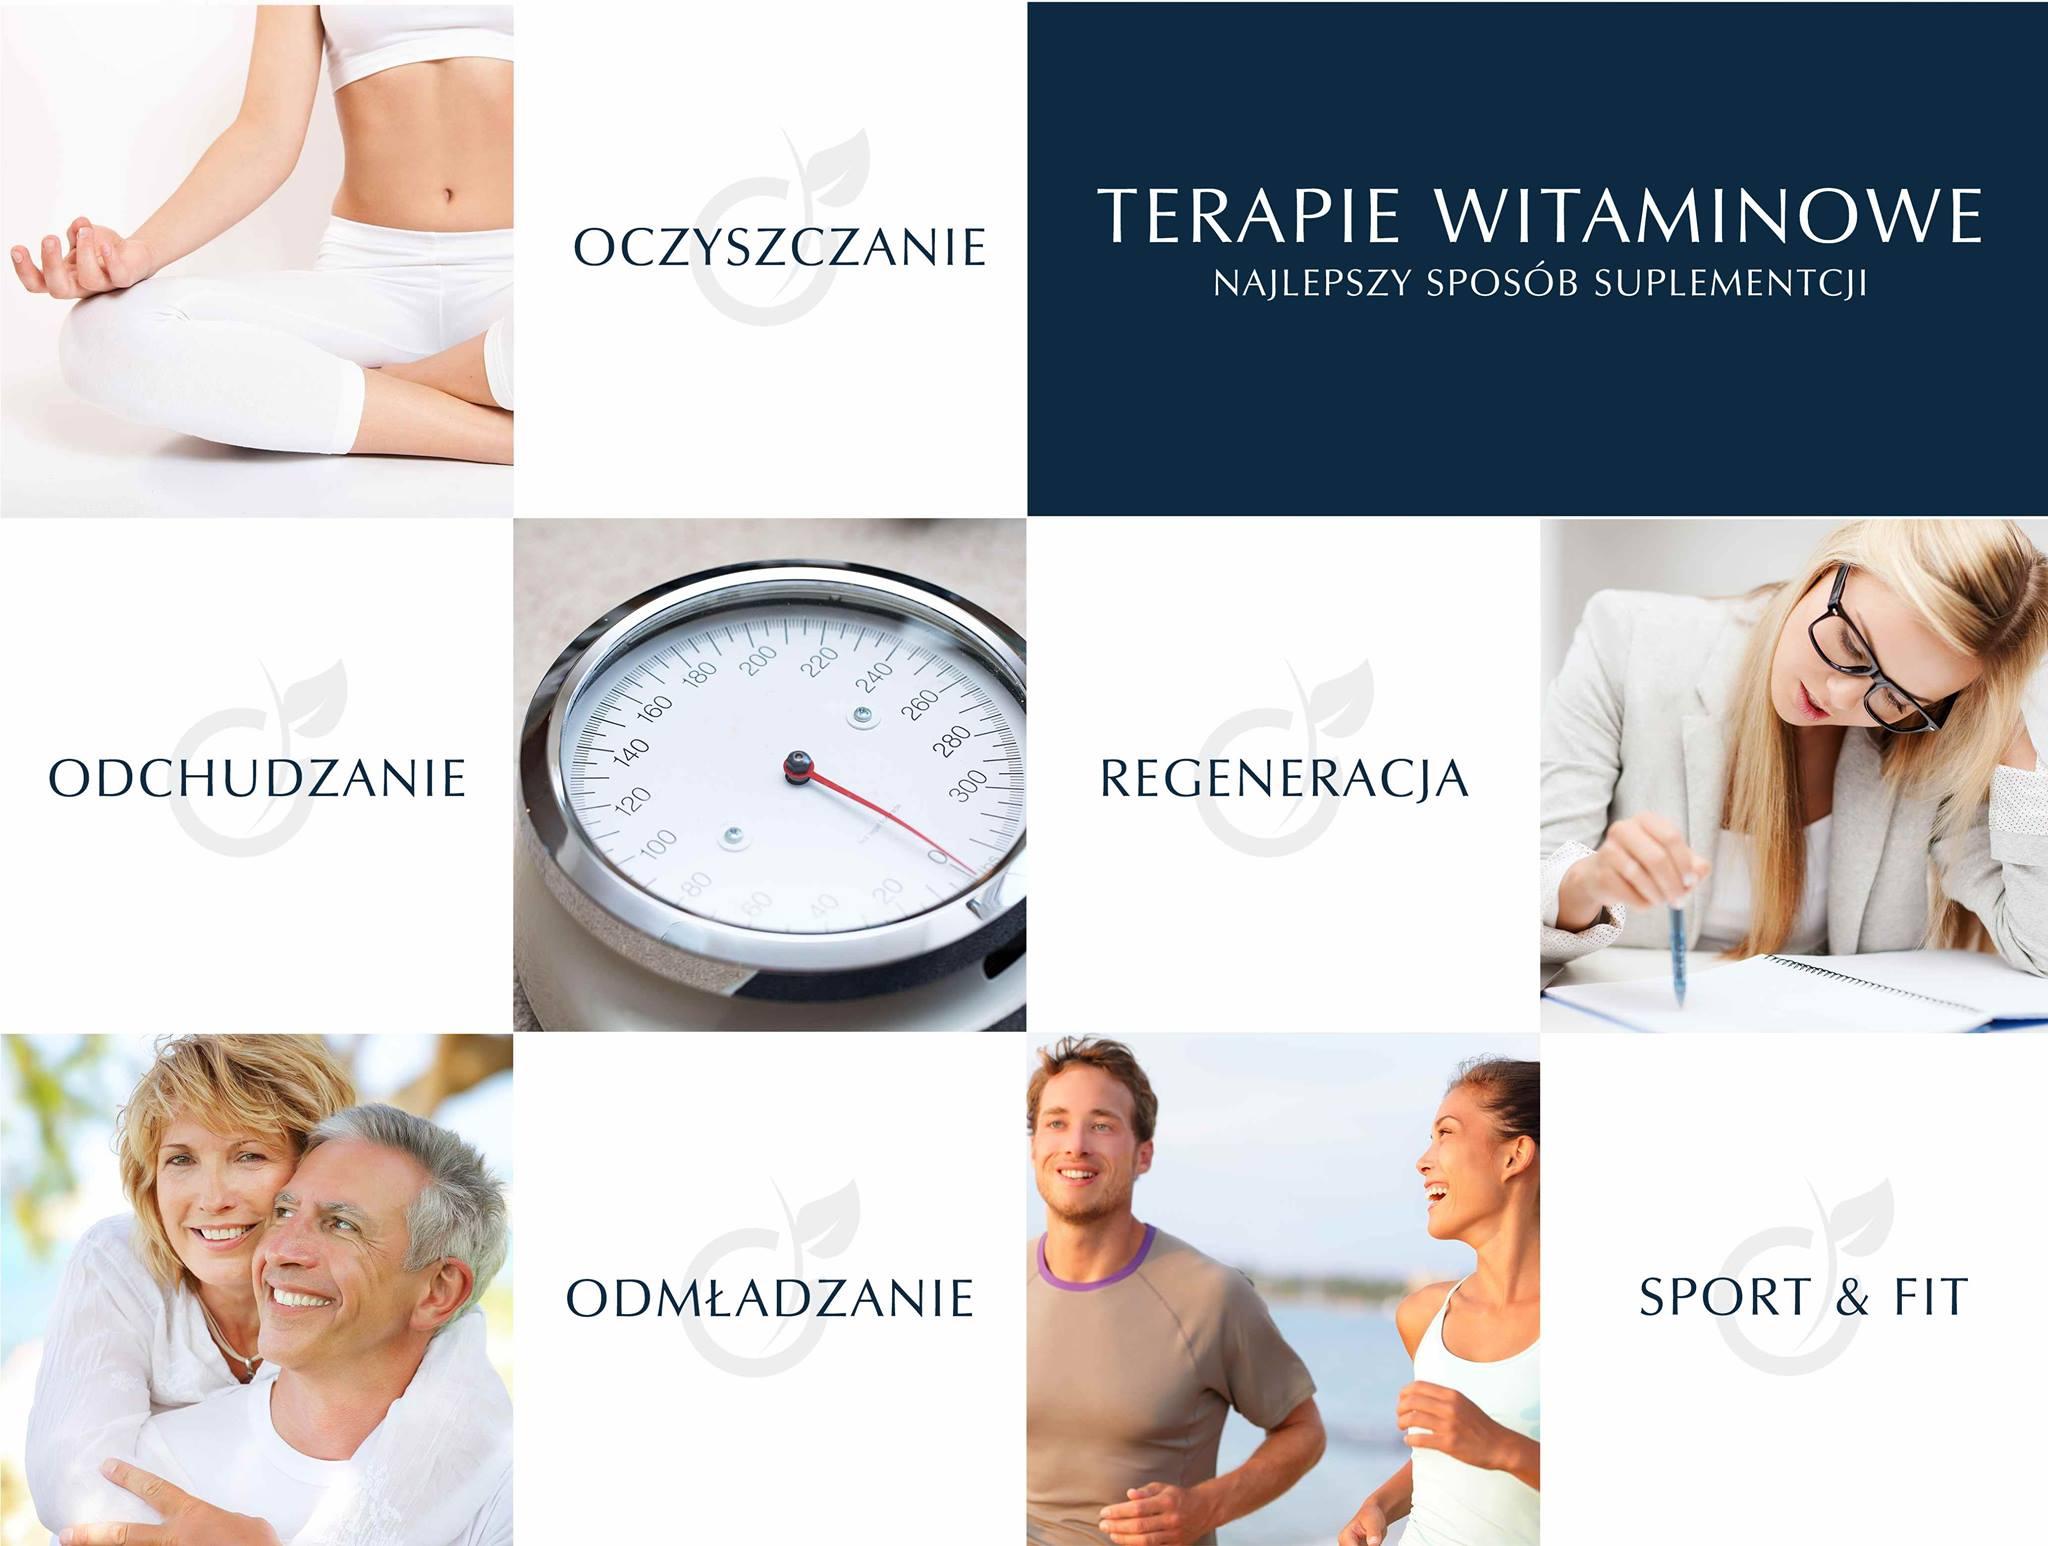 Dożylne terapie witaminowe